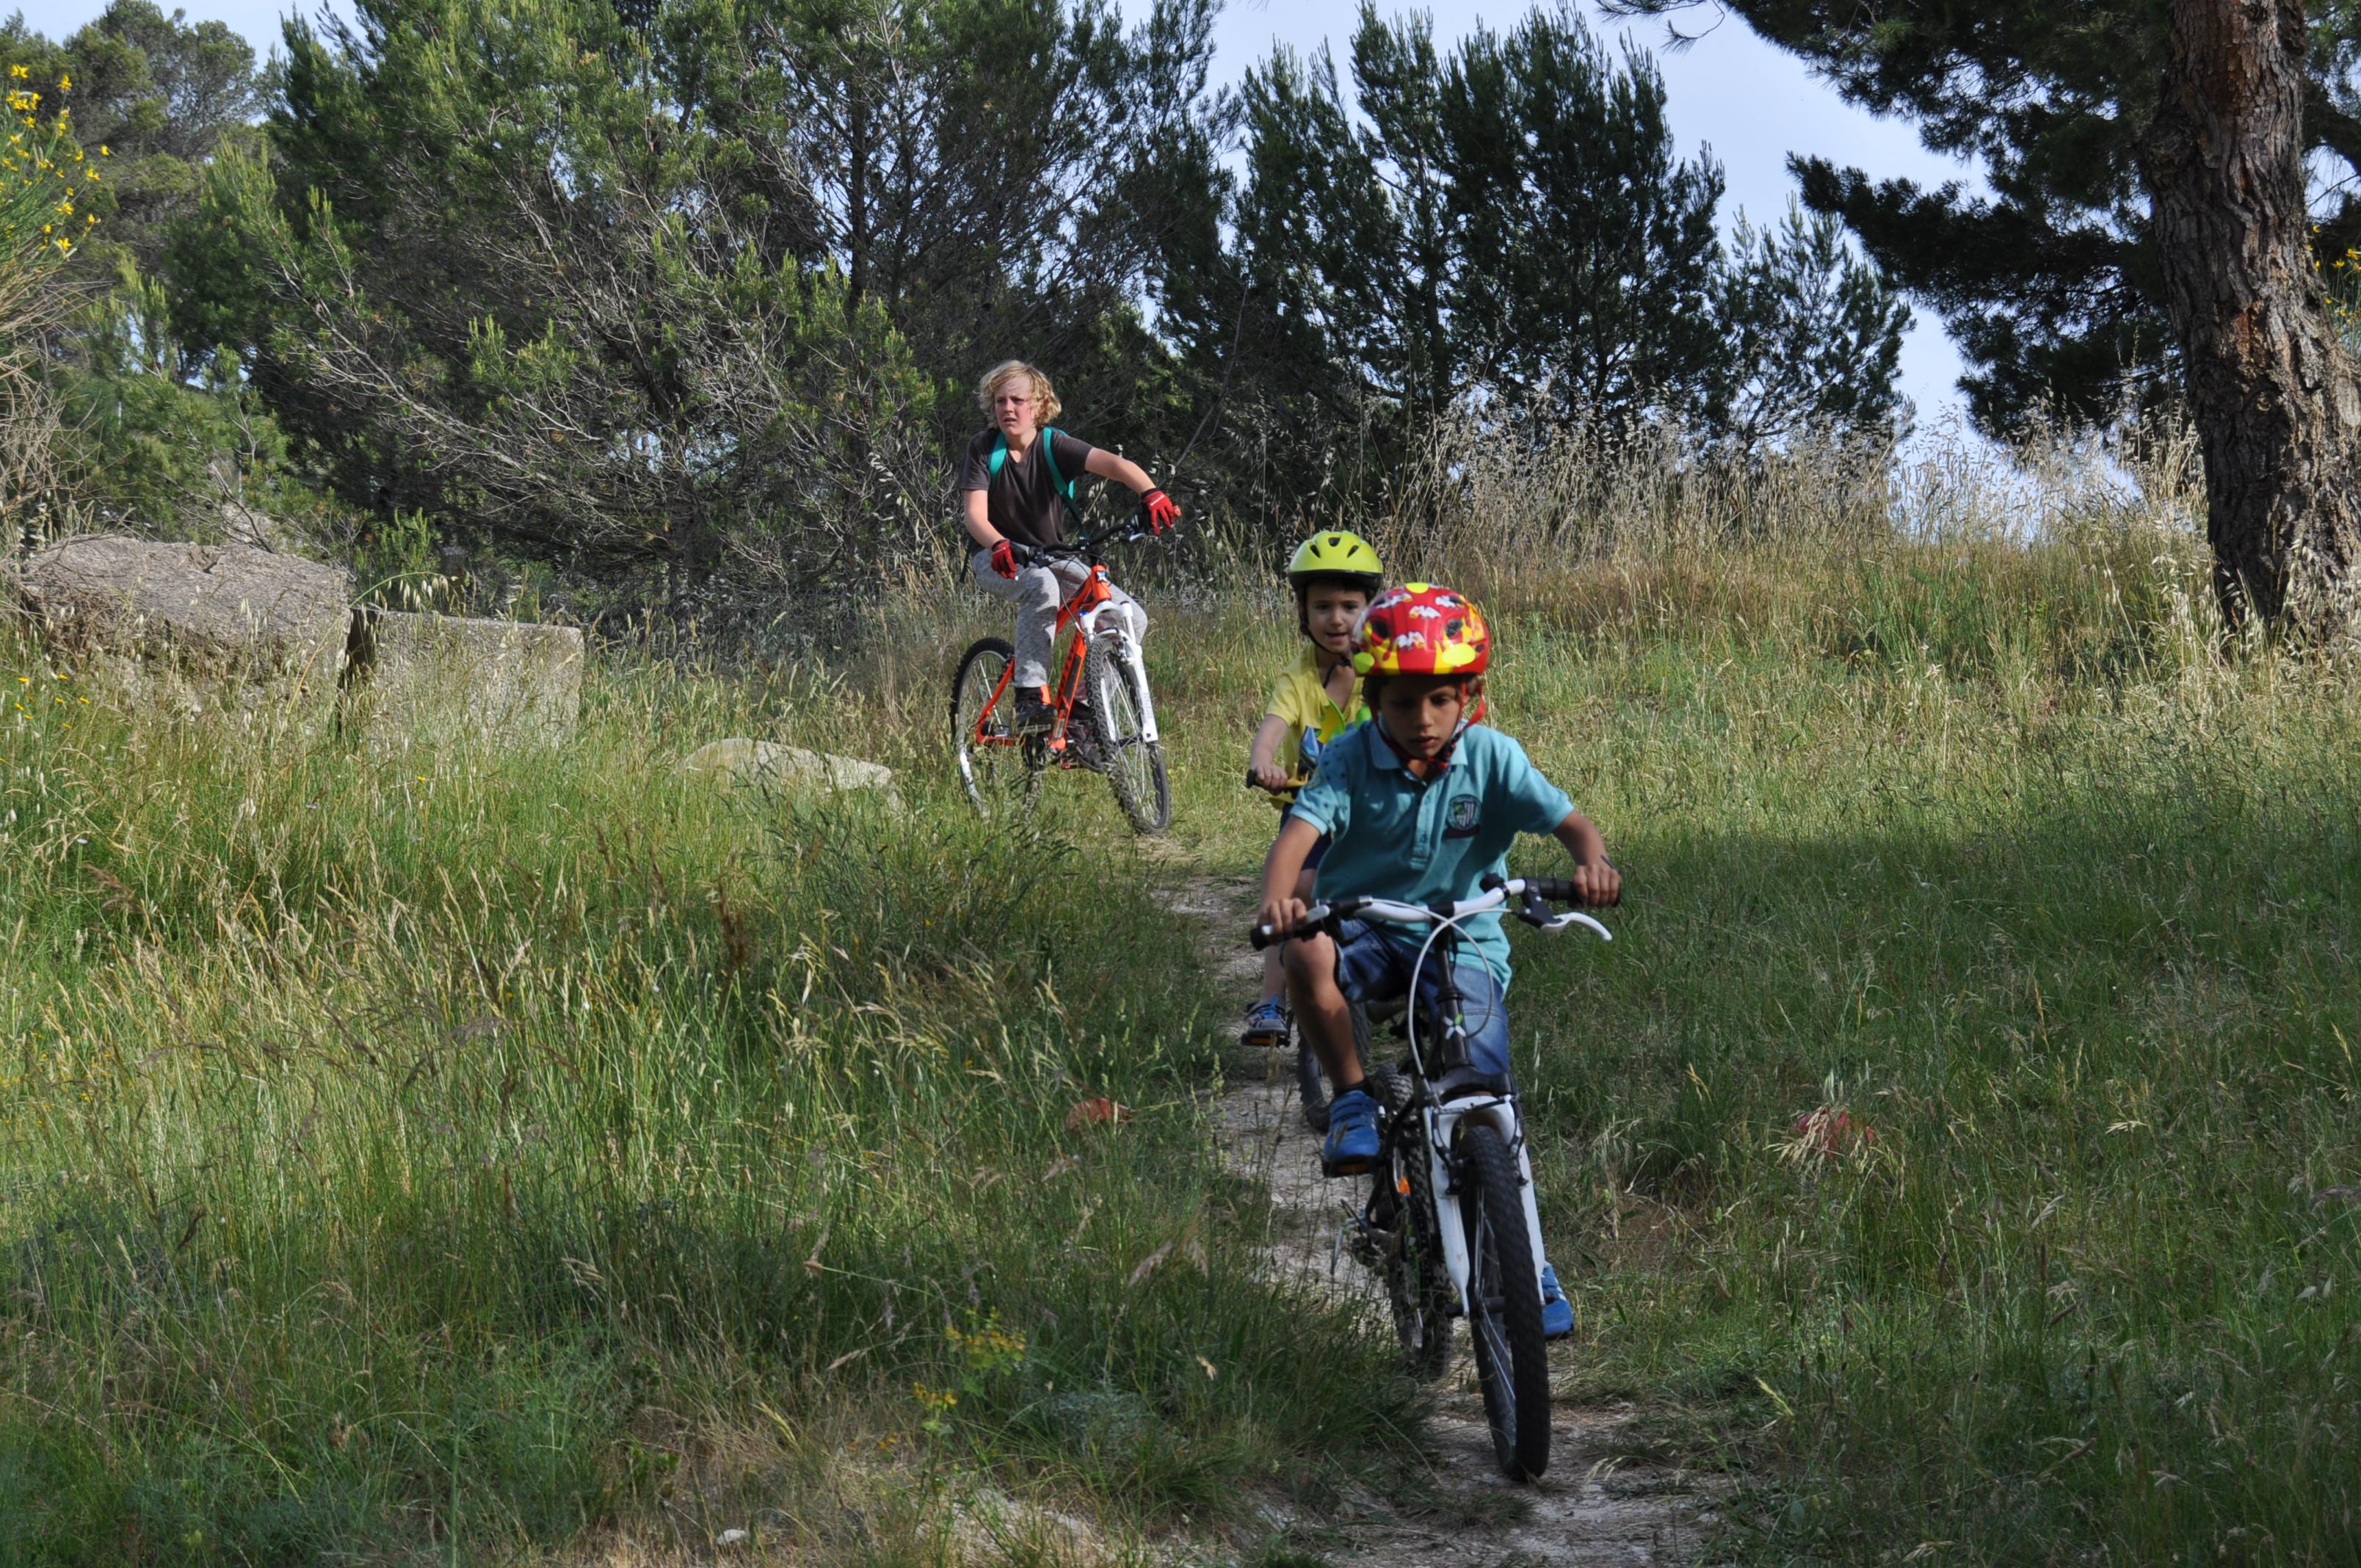 Photo de 3 enfants dévalant une piste cyclable entourée de verdure pour l'événement roule ta ville